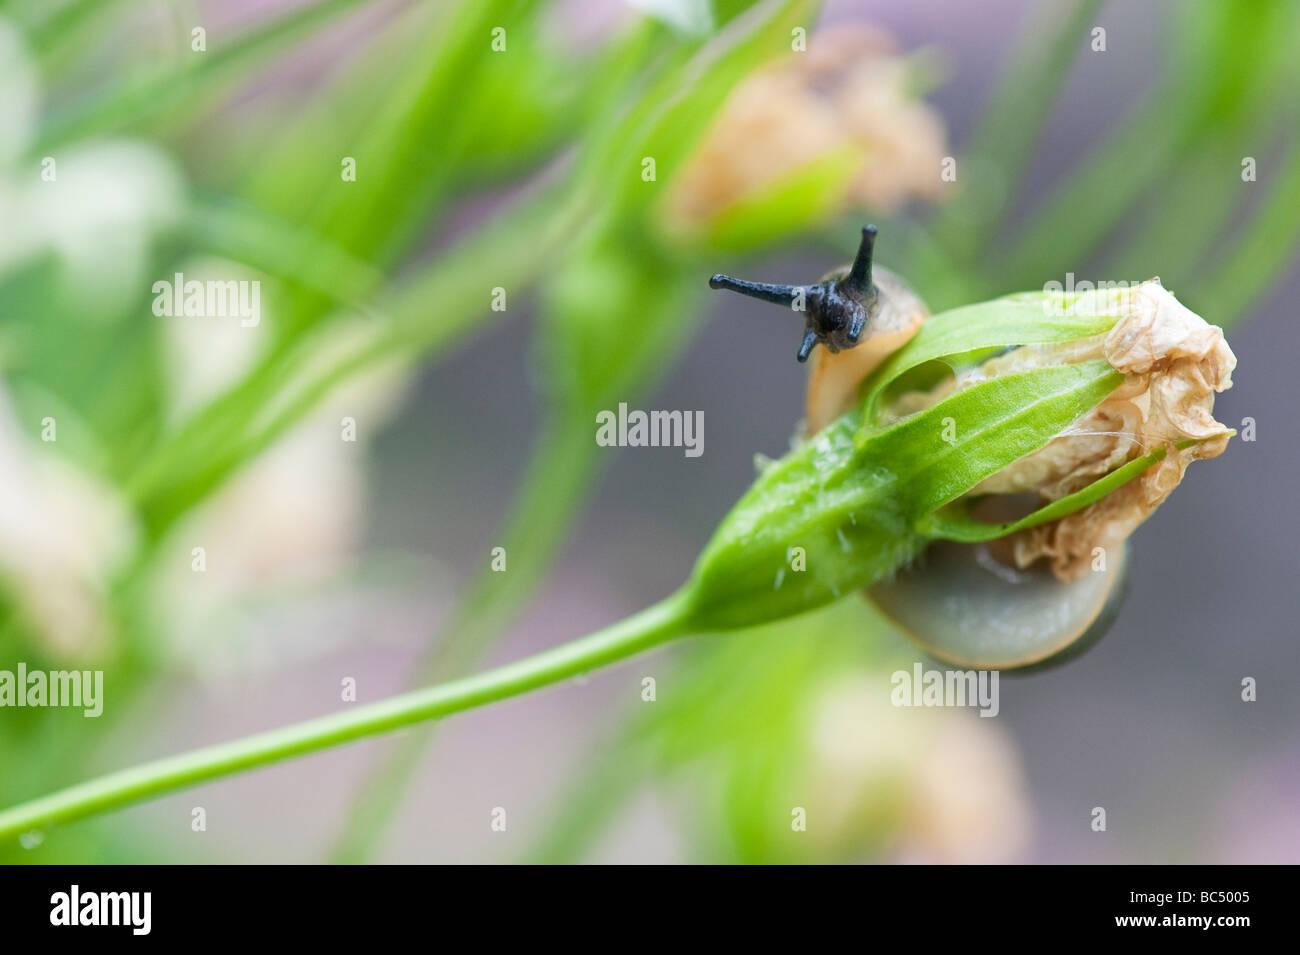 Arion hortensis. Garden slug on a dead campanula flower in an english garden - Stock Image